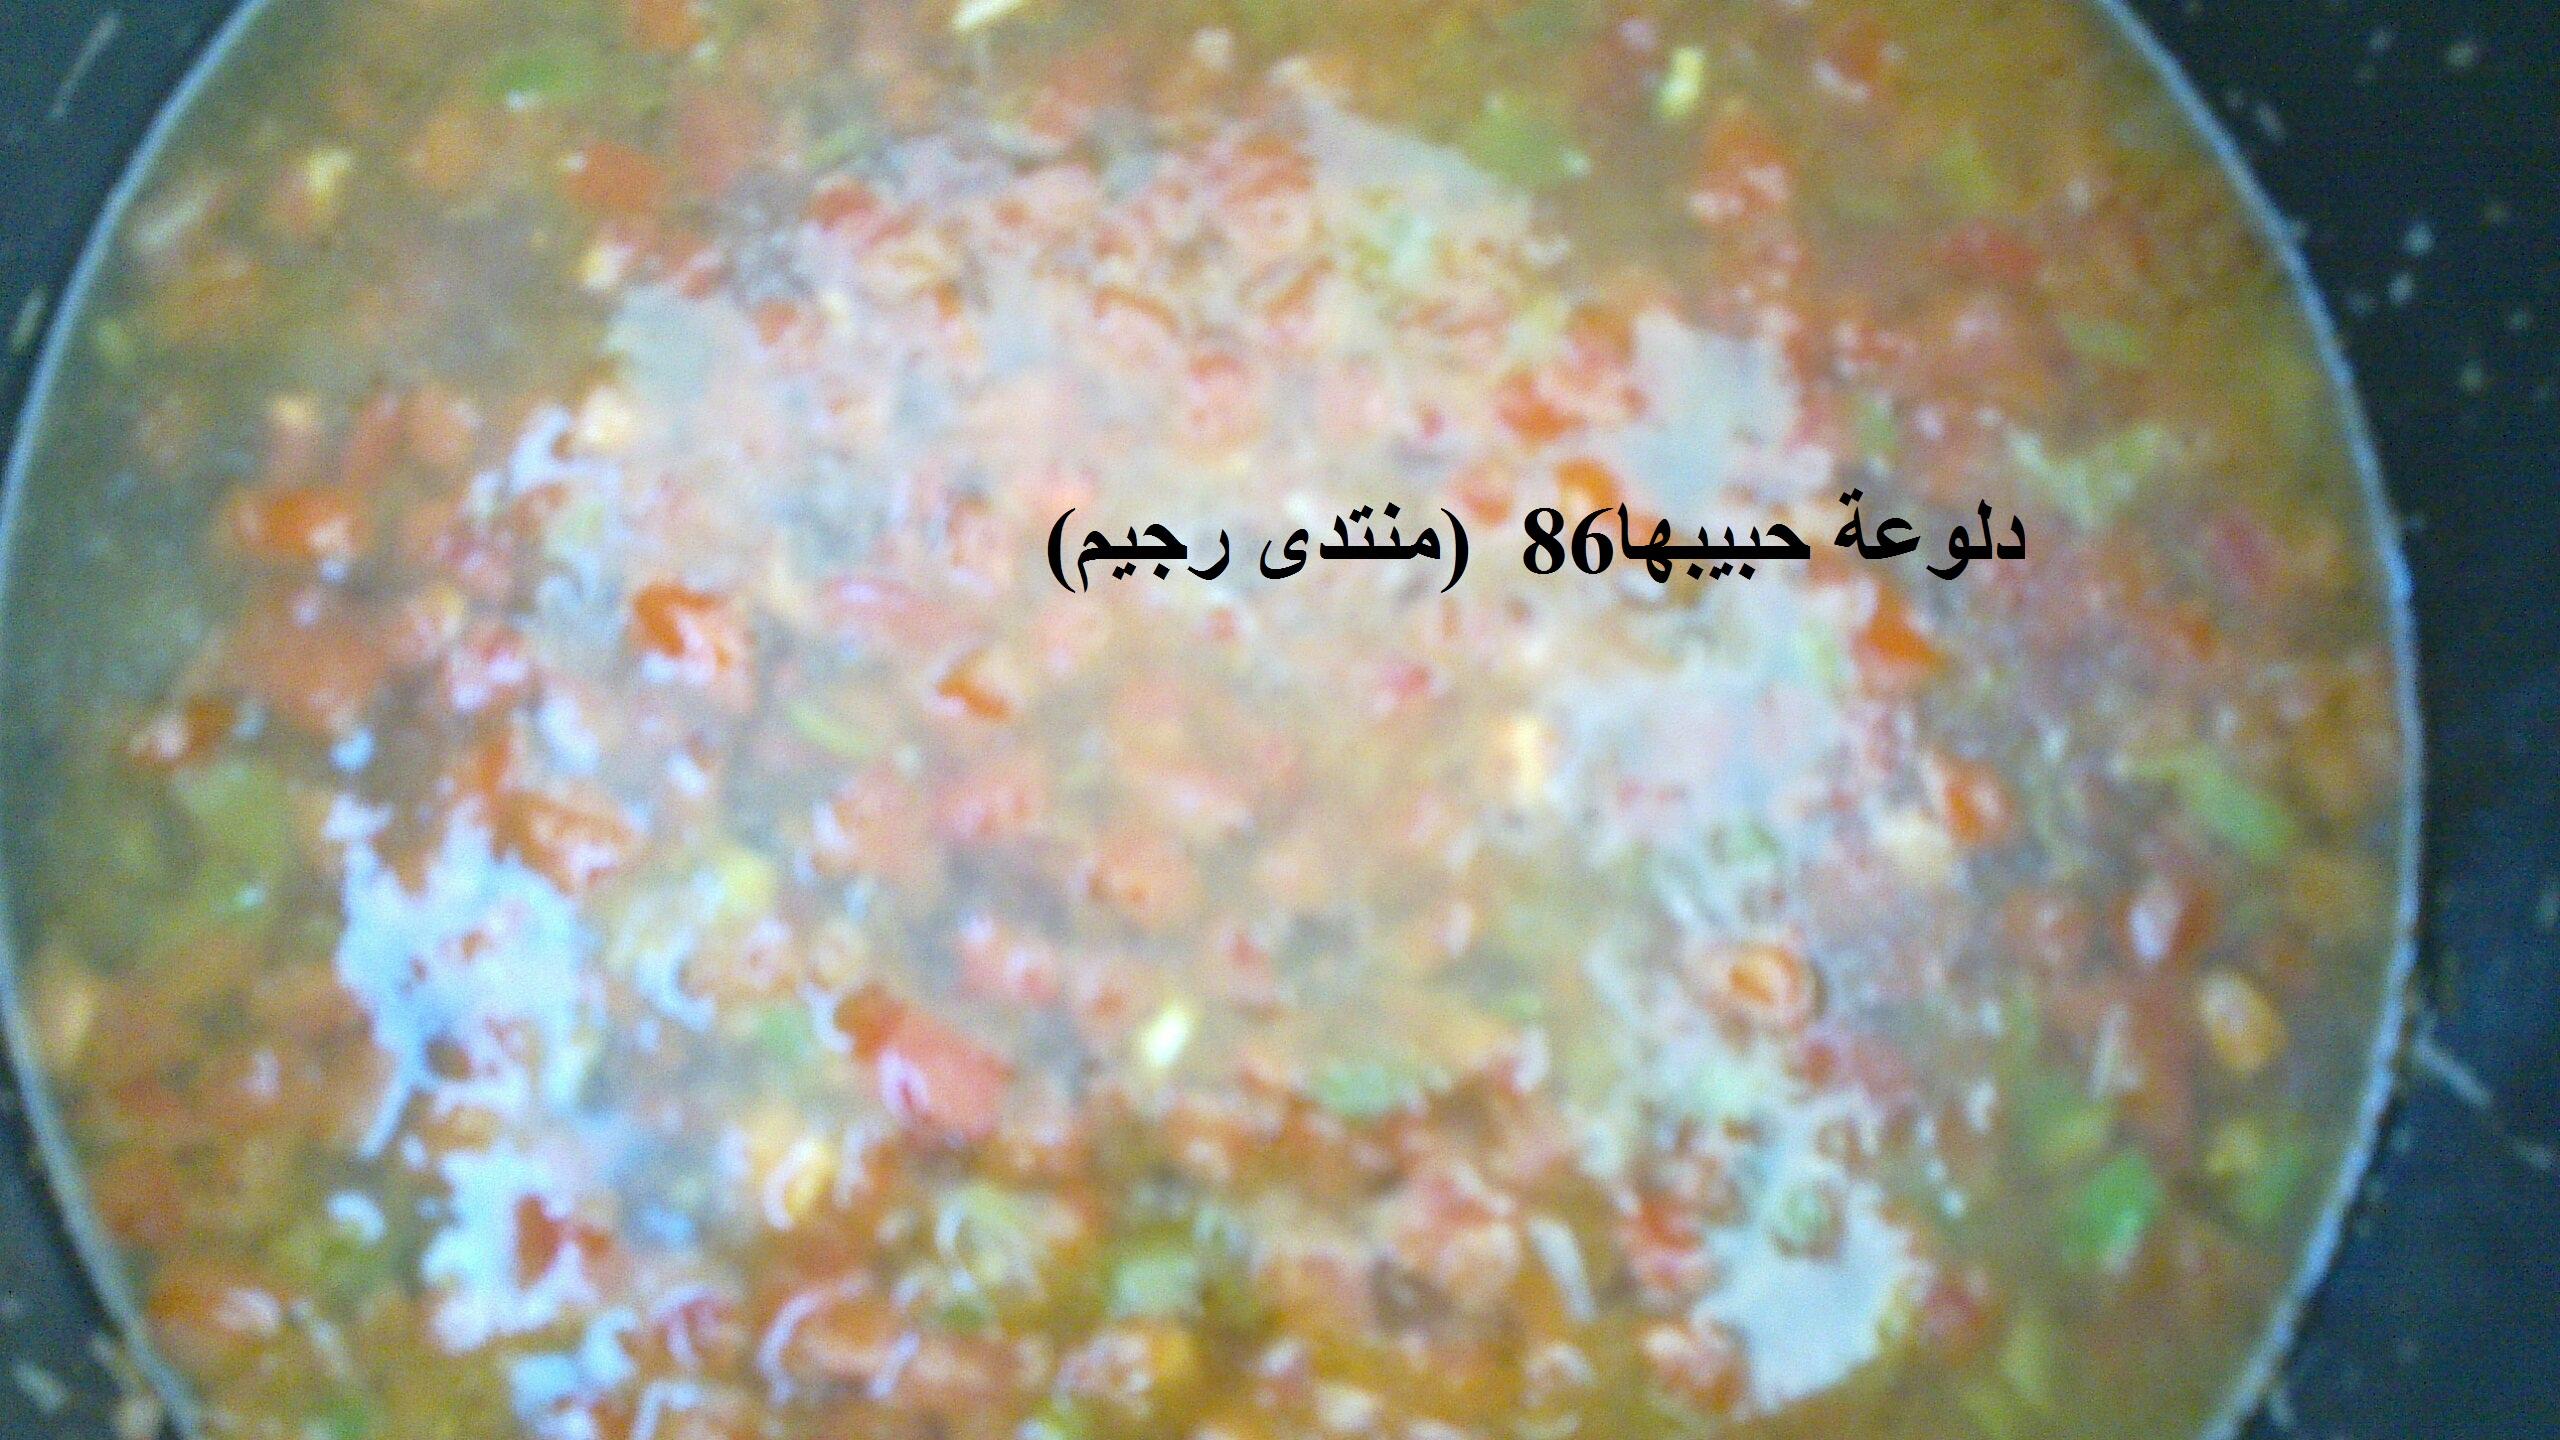 كبسة بالصور للعزومات ترفع الراس من لذتها 13545815975.jpg